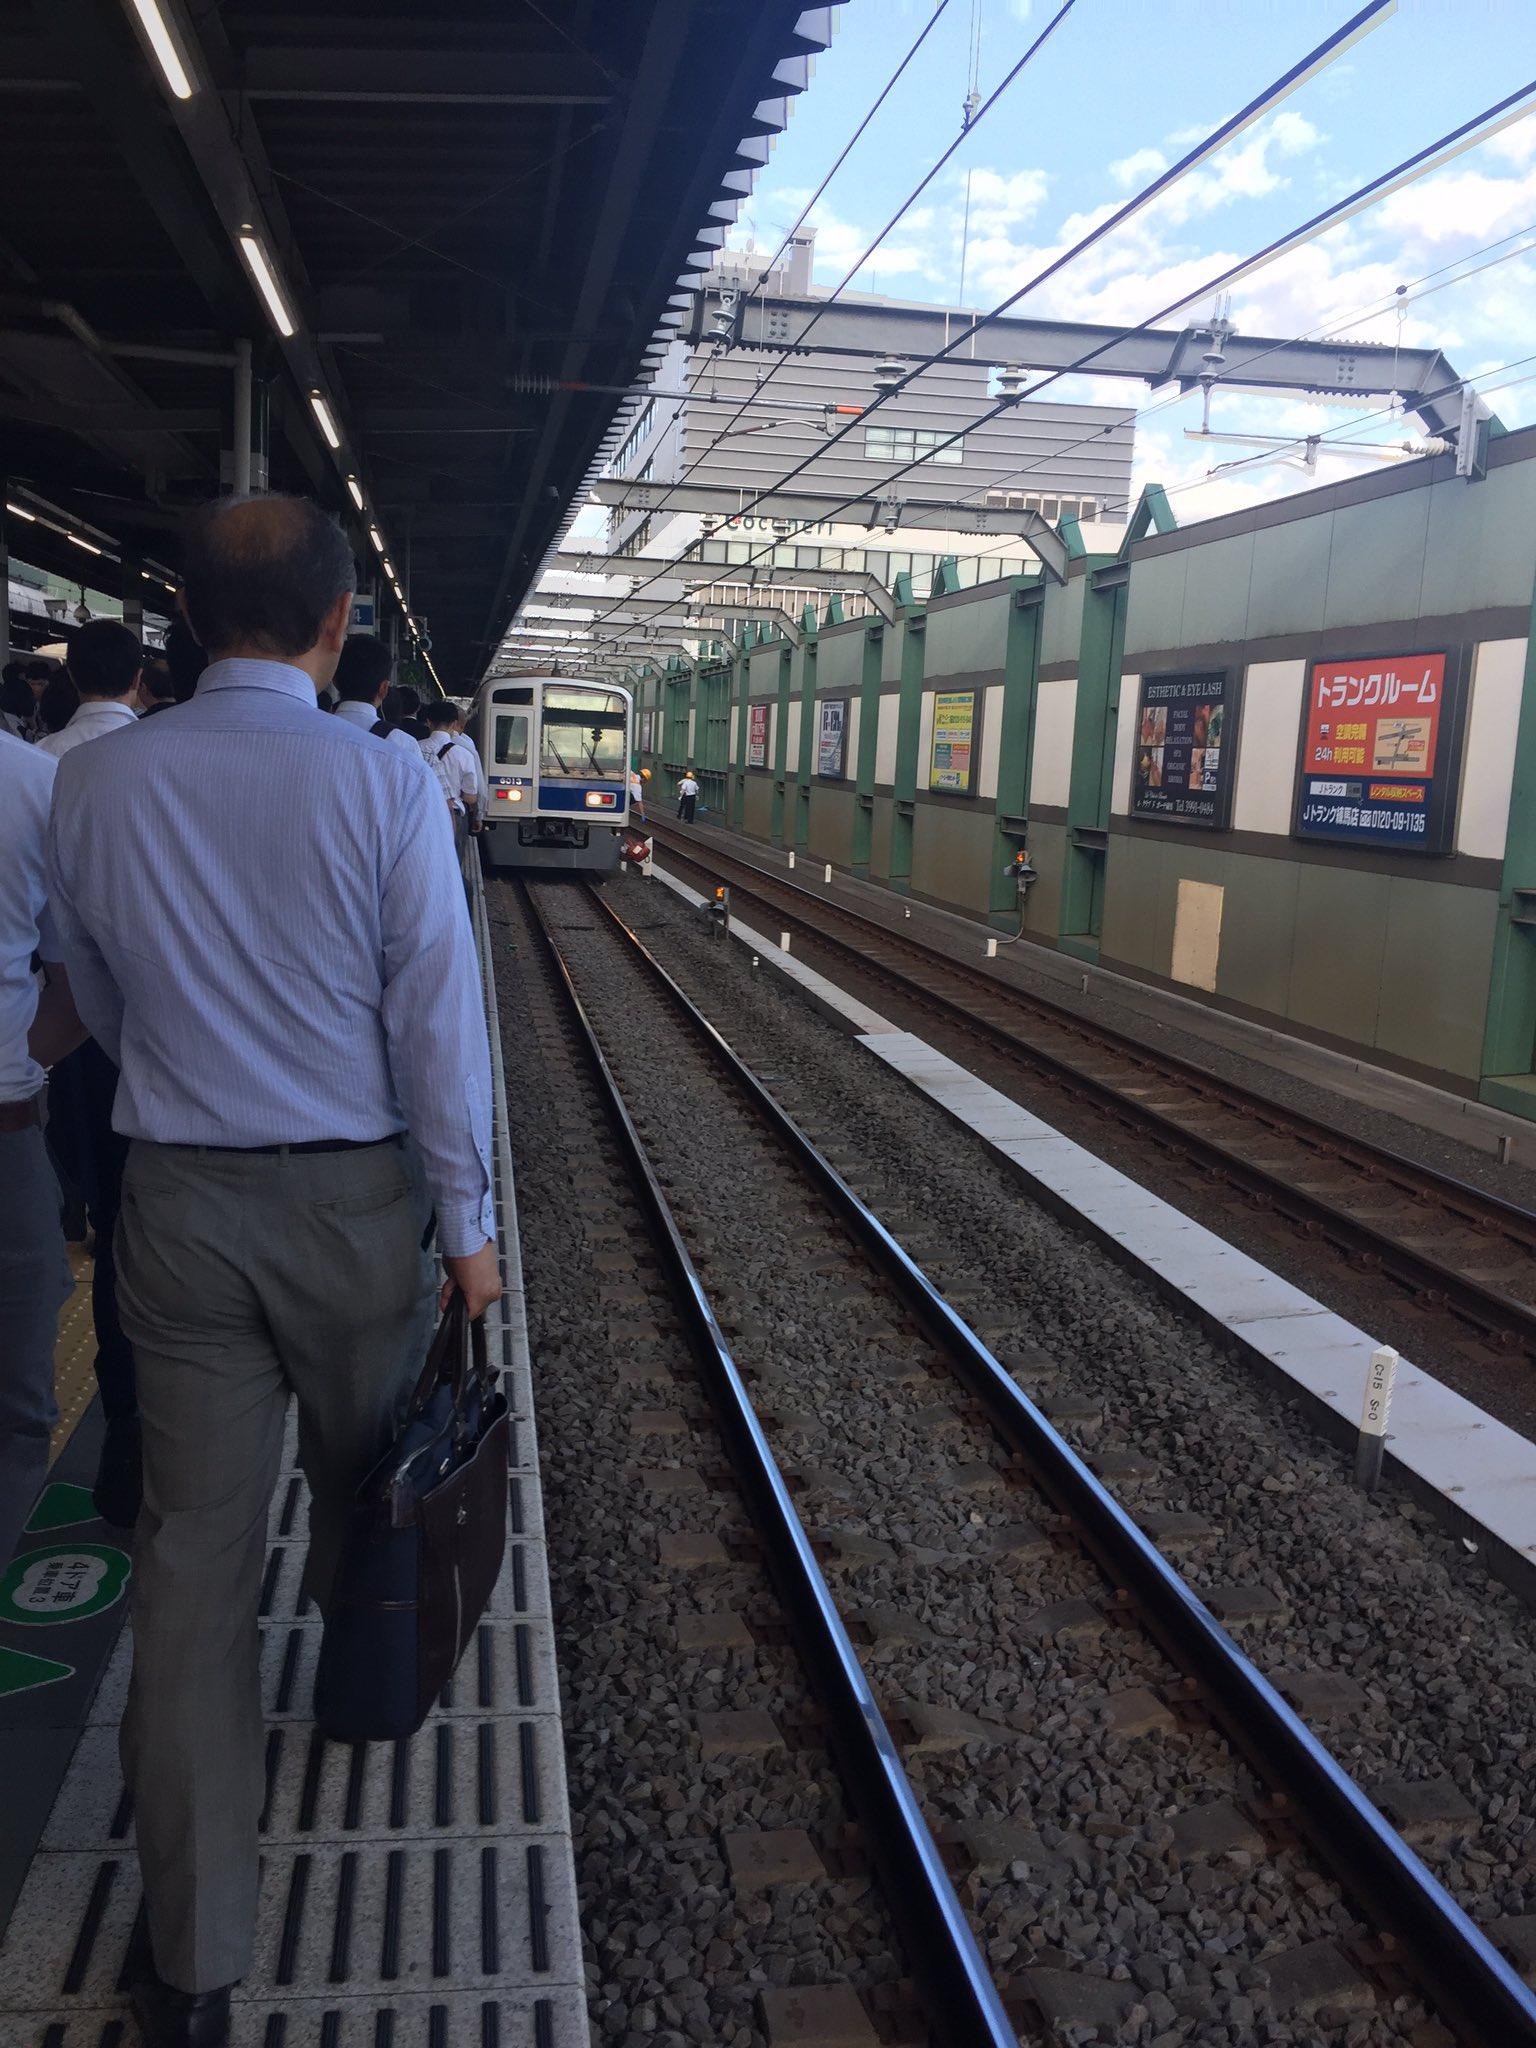 西武池袋線の練馬駅で人身事故が起きた現場の画像